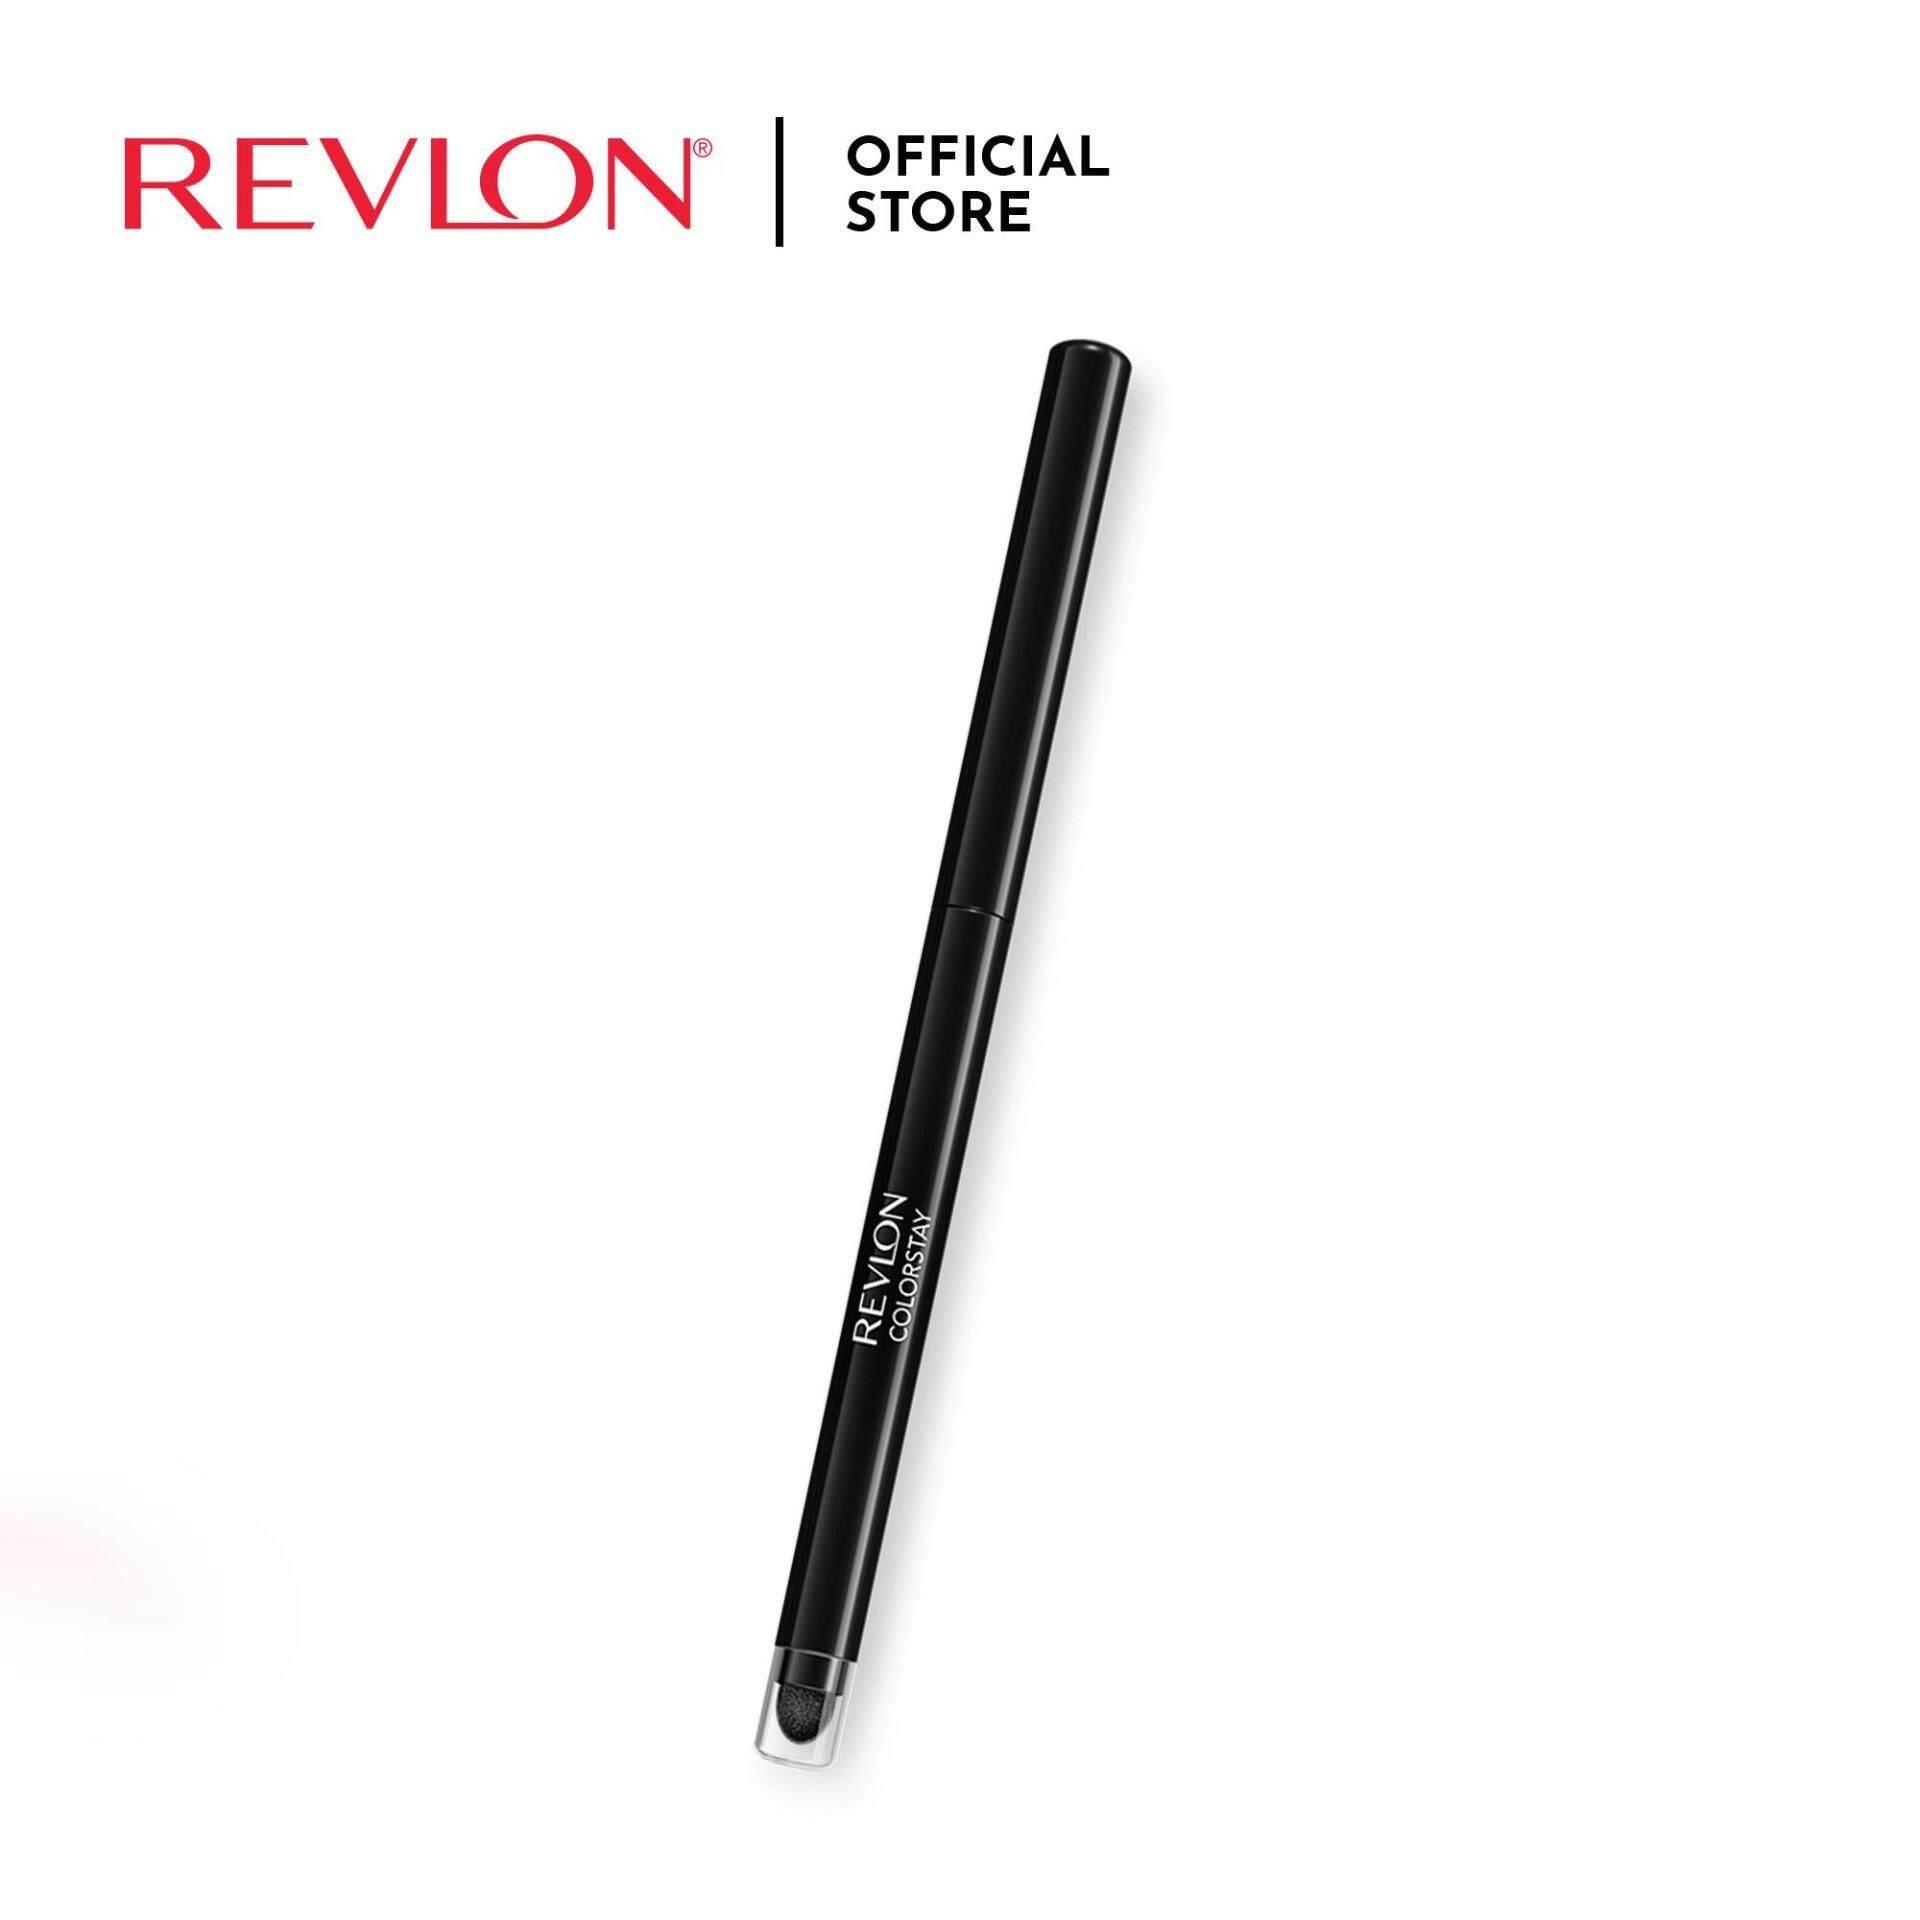 Revlon Colorstay Eye Liner - Black